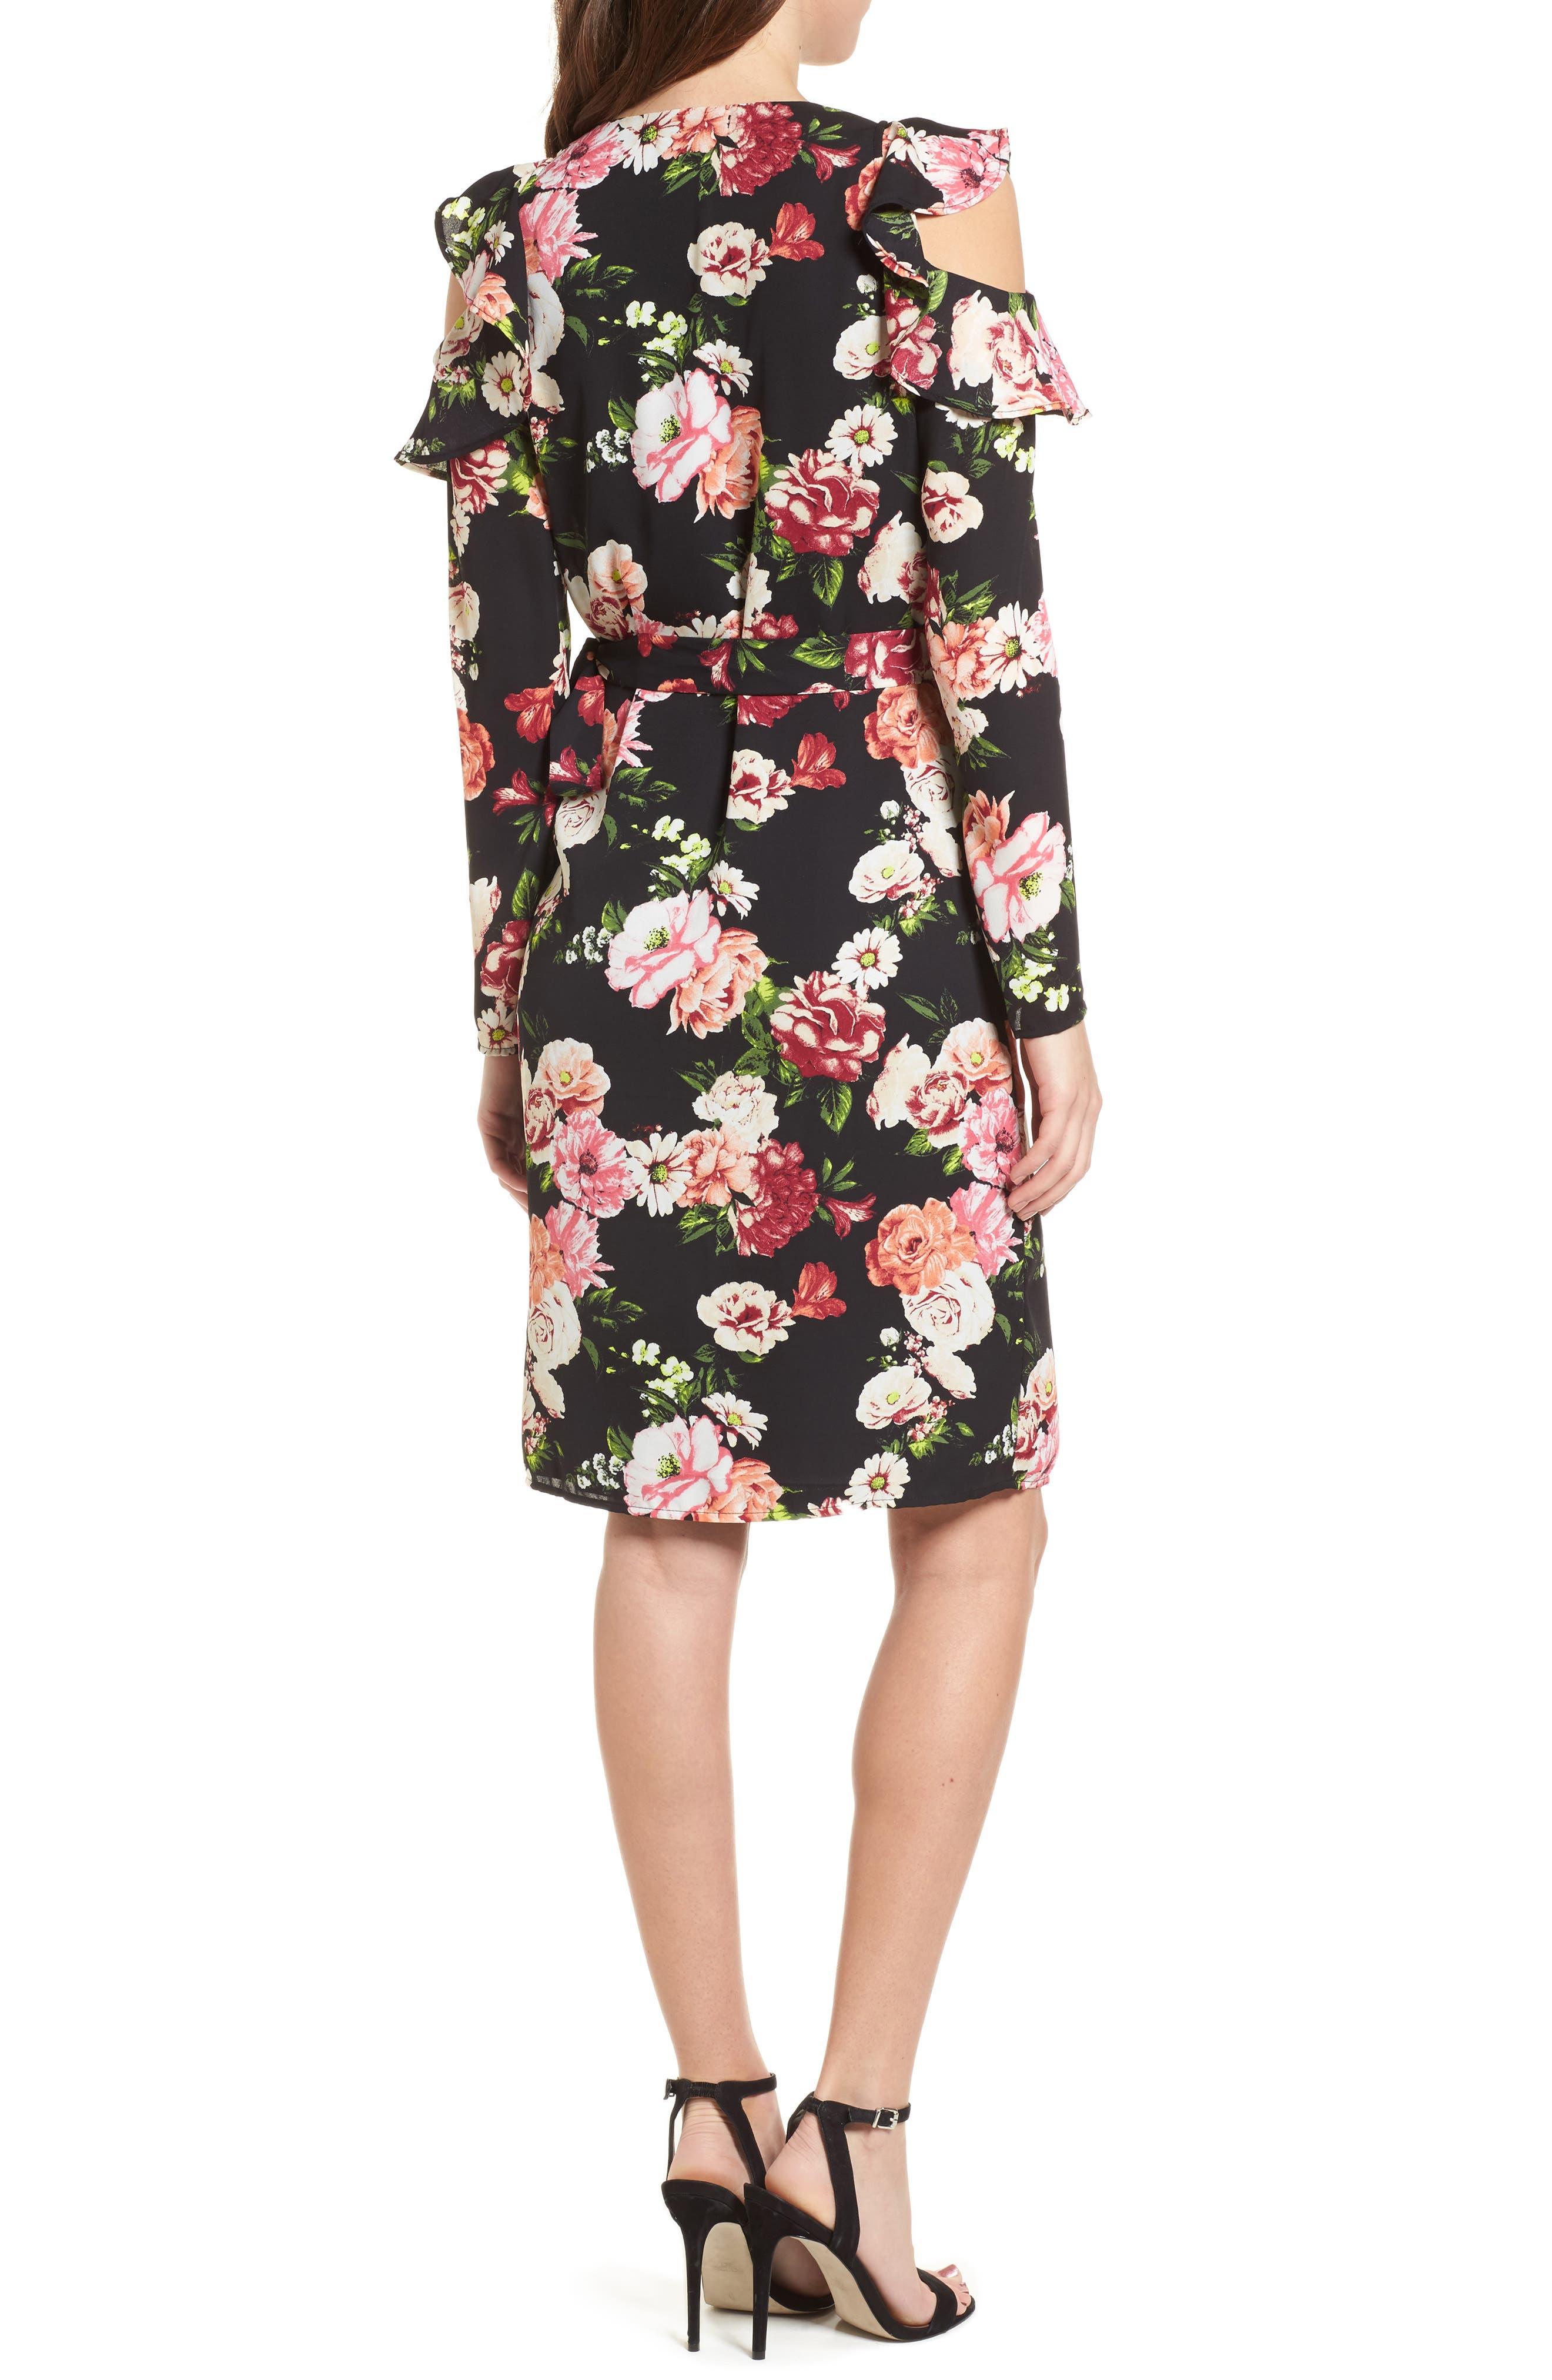 Floral Print Wrap Dress,                             Alternate thumbnail 2, color,                             002